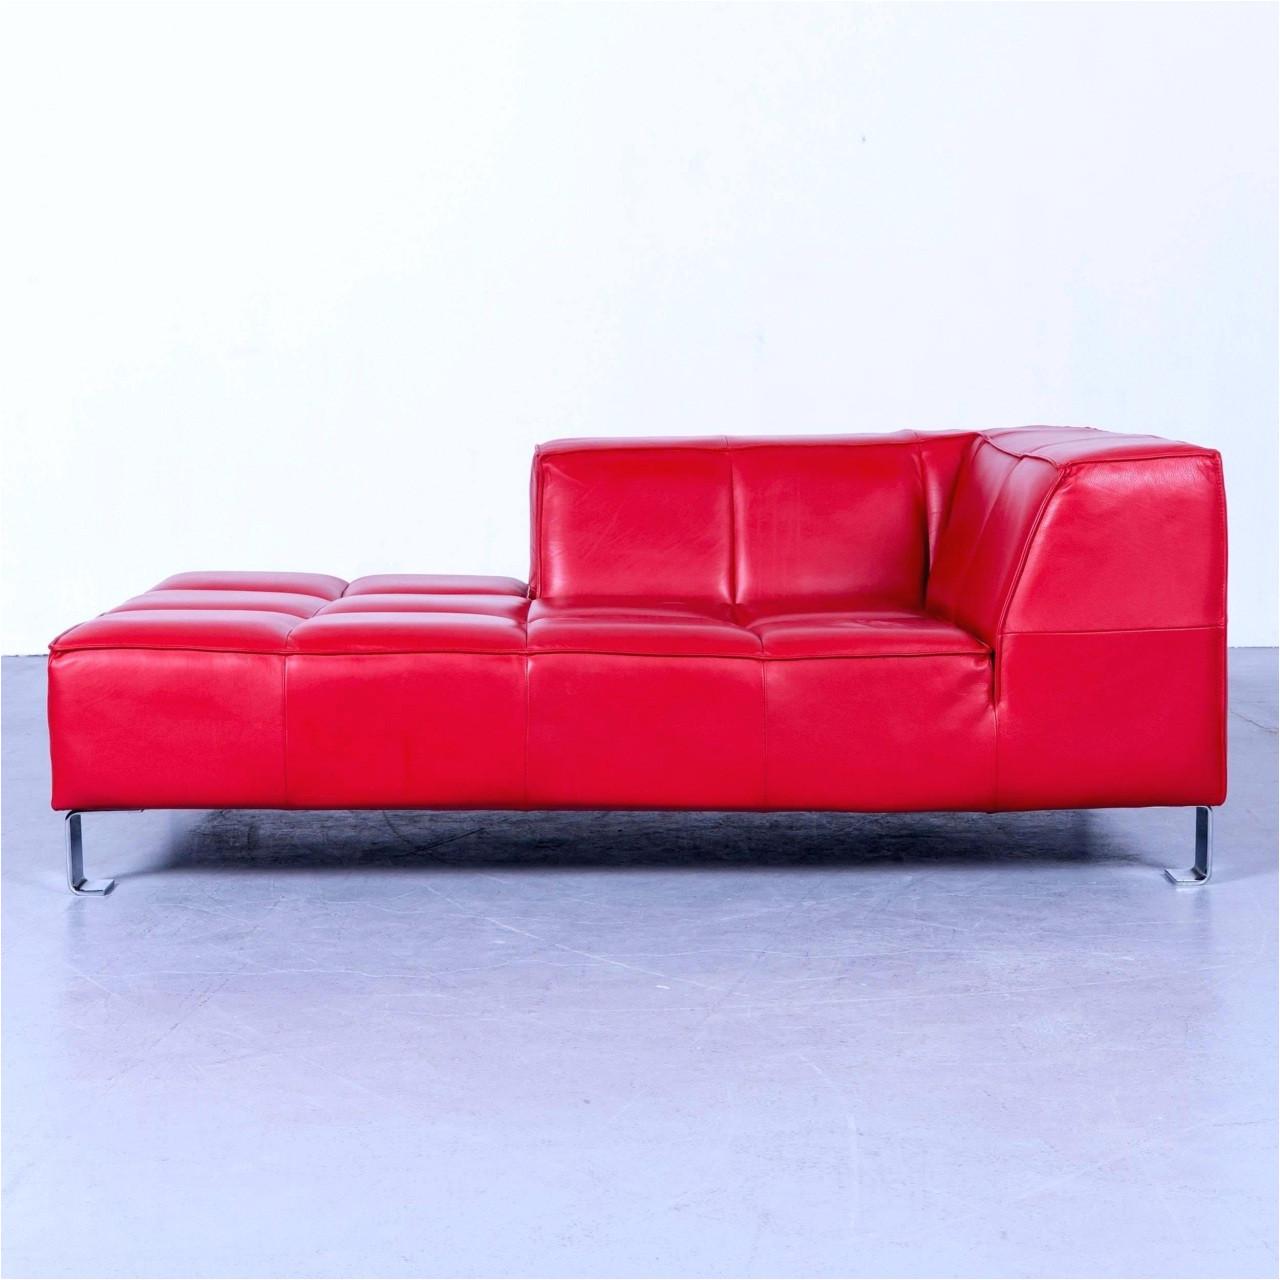 image of karlstad ikea recamiere karlstad schlafsofa frisch recamiere sofa 2er mit elegant luxus